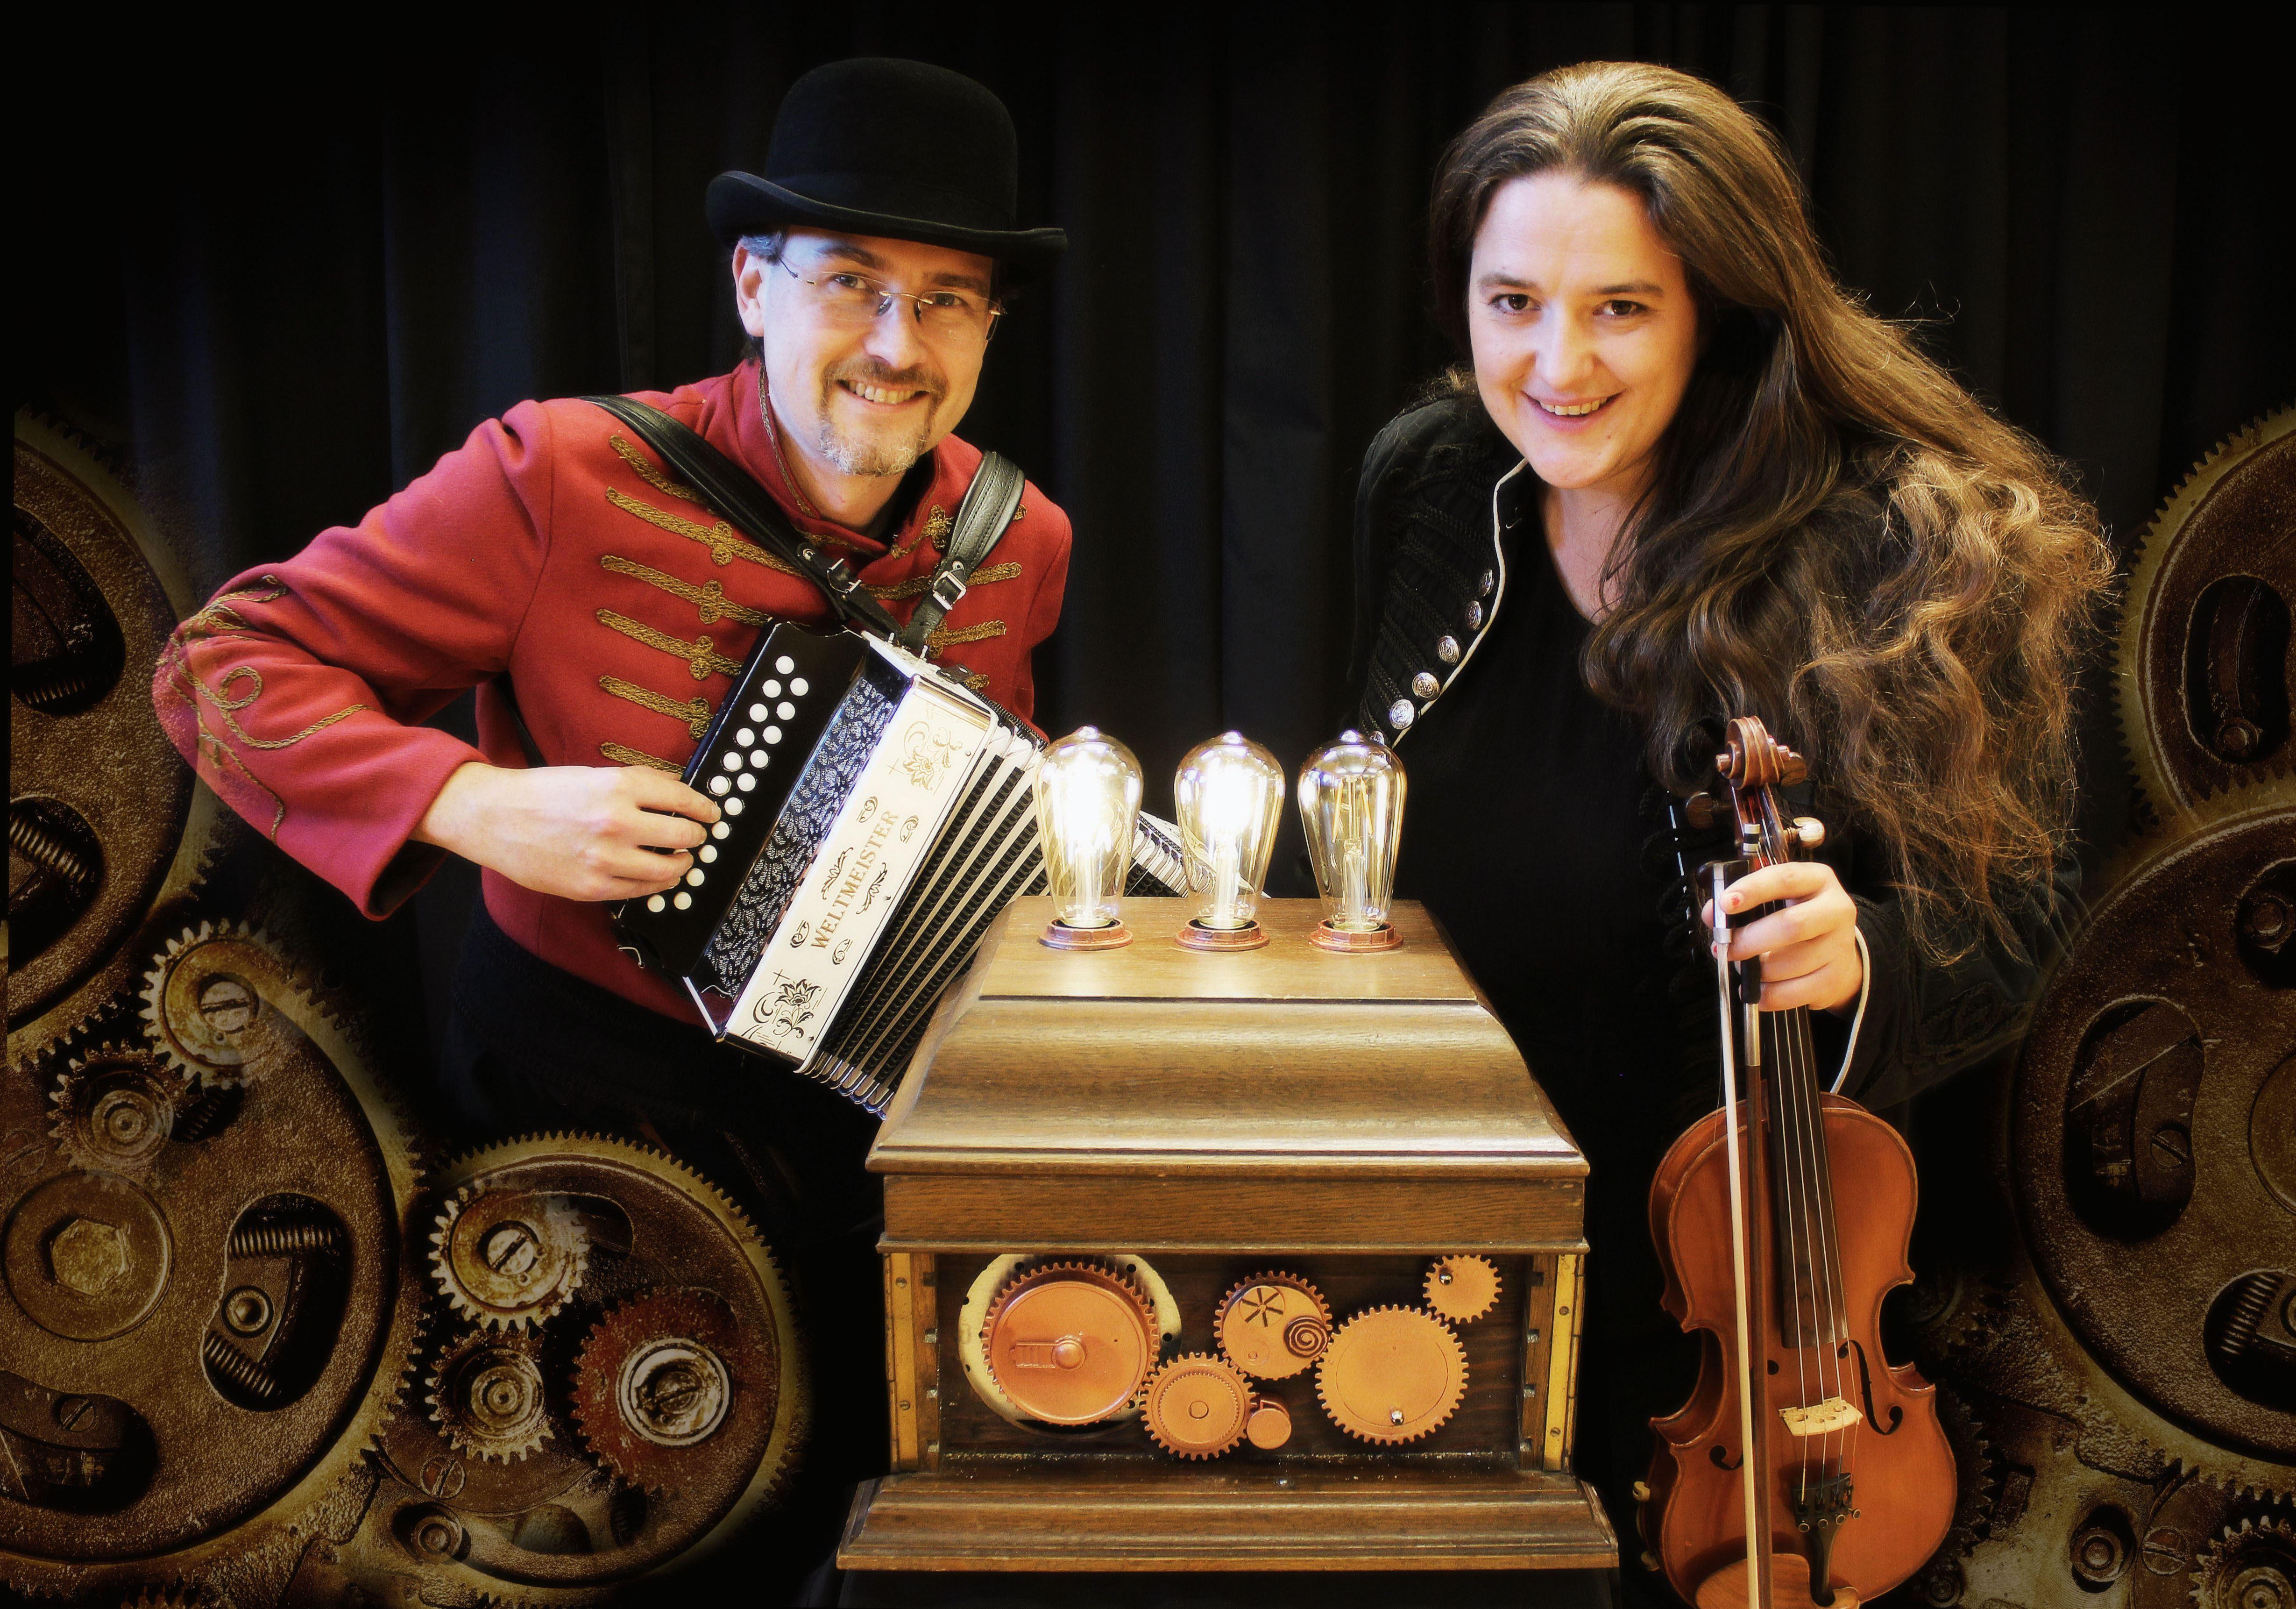 Kulturknytt: Musikmaskinen